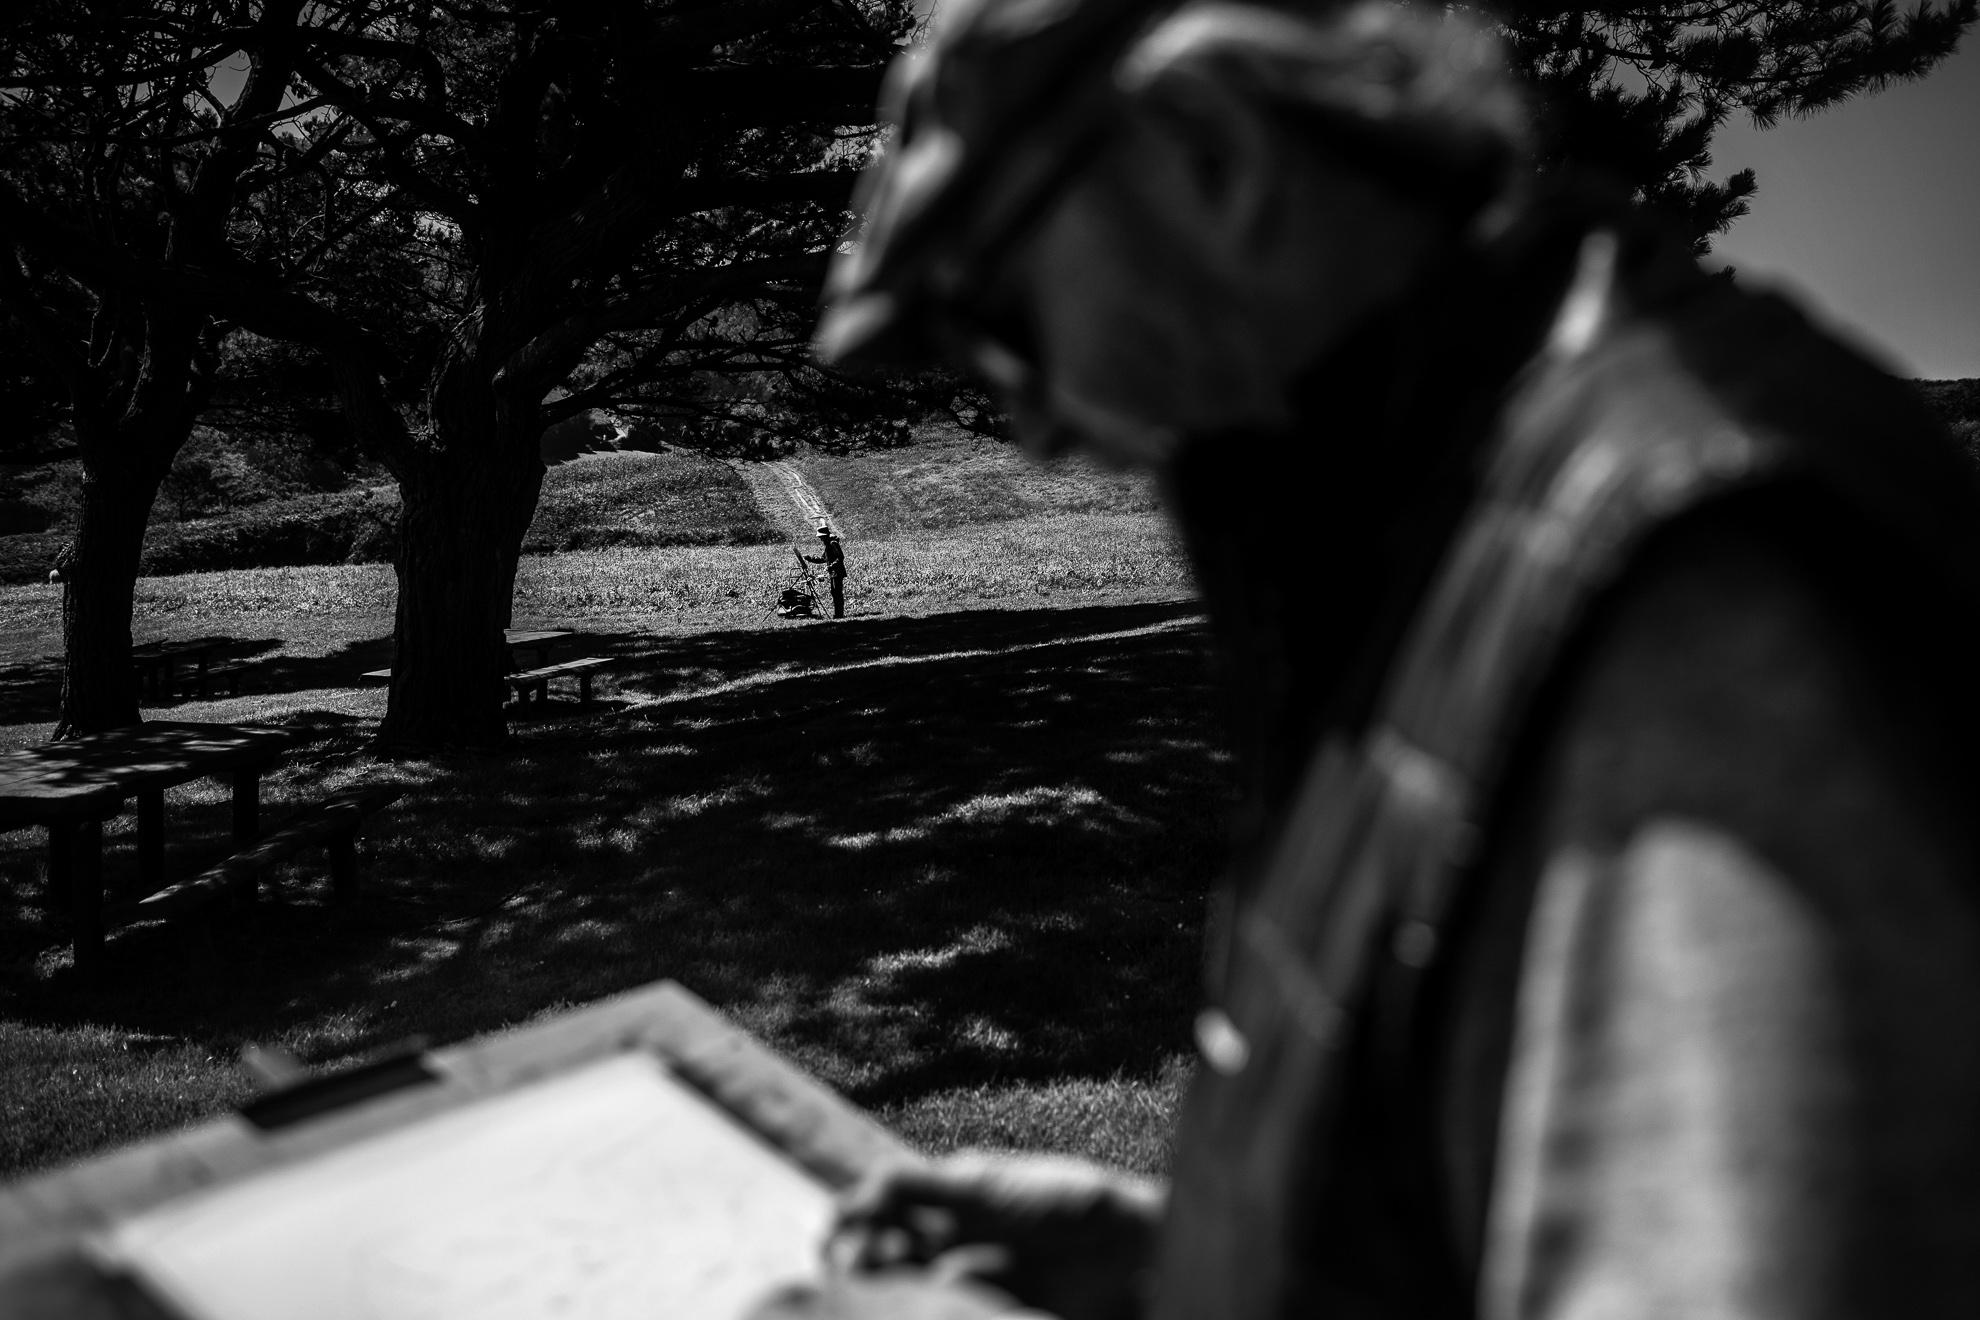 Tras semanas de confinamiento hoy ha sido el primer día que mi padre se ha podido reunir con su grupo de pintura y disfrutar al aire libre de sus acuarelas. Los últimos meses no han sido fáciles para nadie y él no ha no ha sido una excepción. Hoy he querido acompañarle. Me alegra ver que empieza a despertar. Luanco, Asturias.